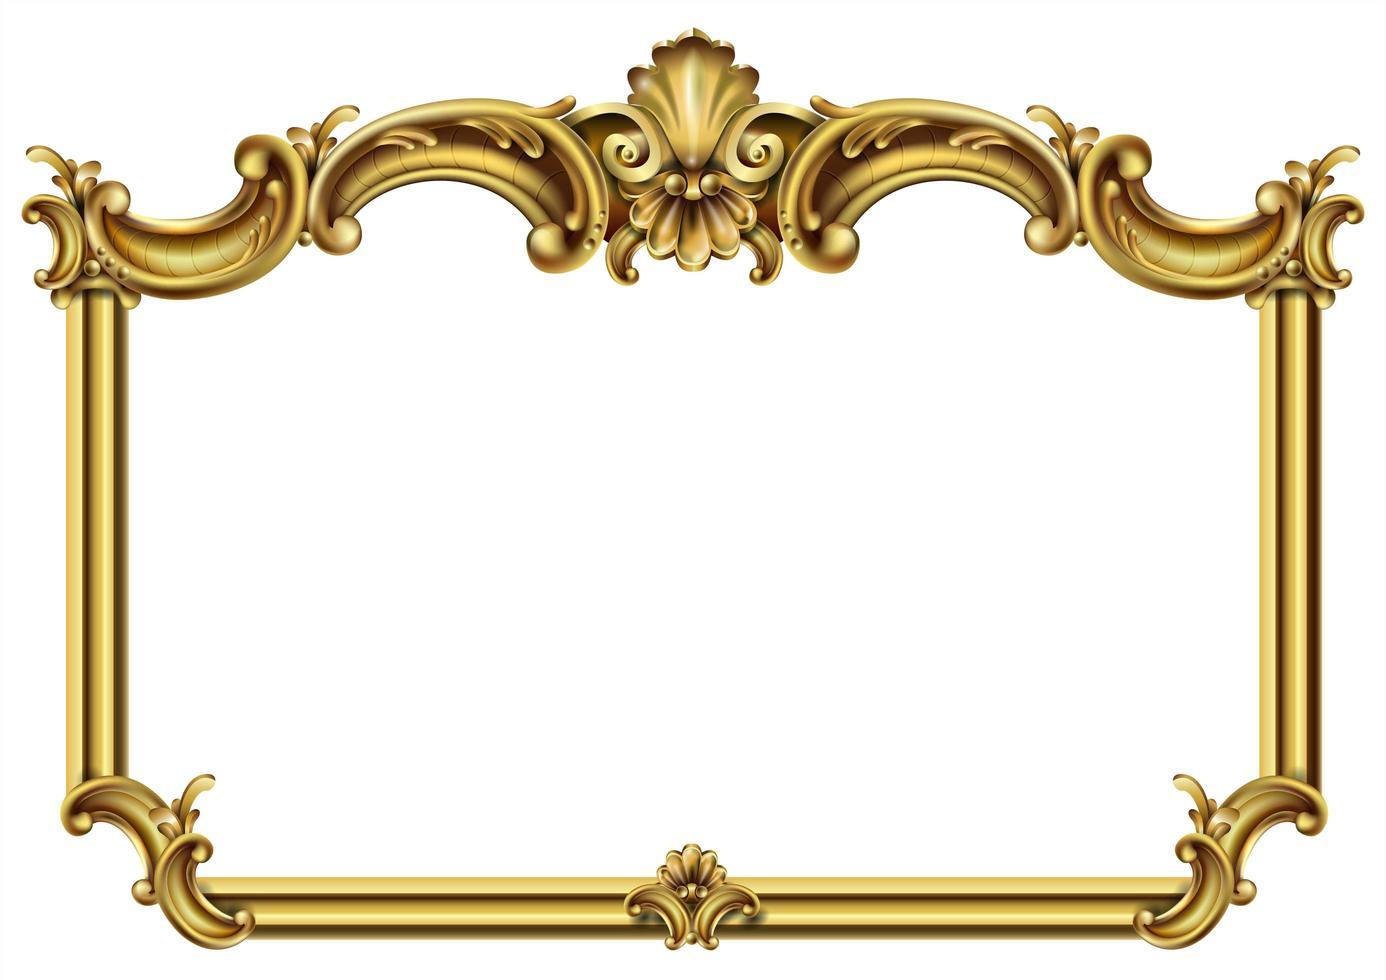 horisontell gyllene klassisk rokoko barock ram vektor